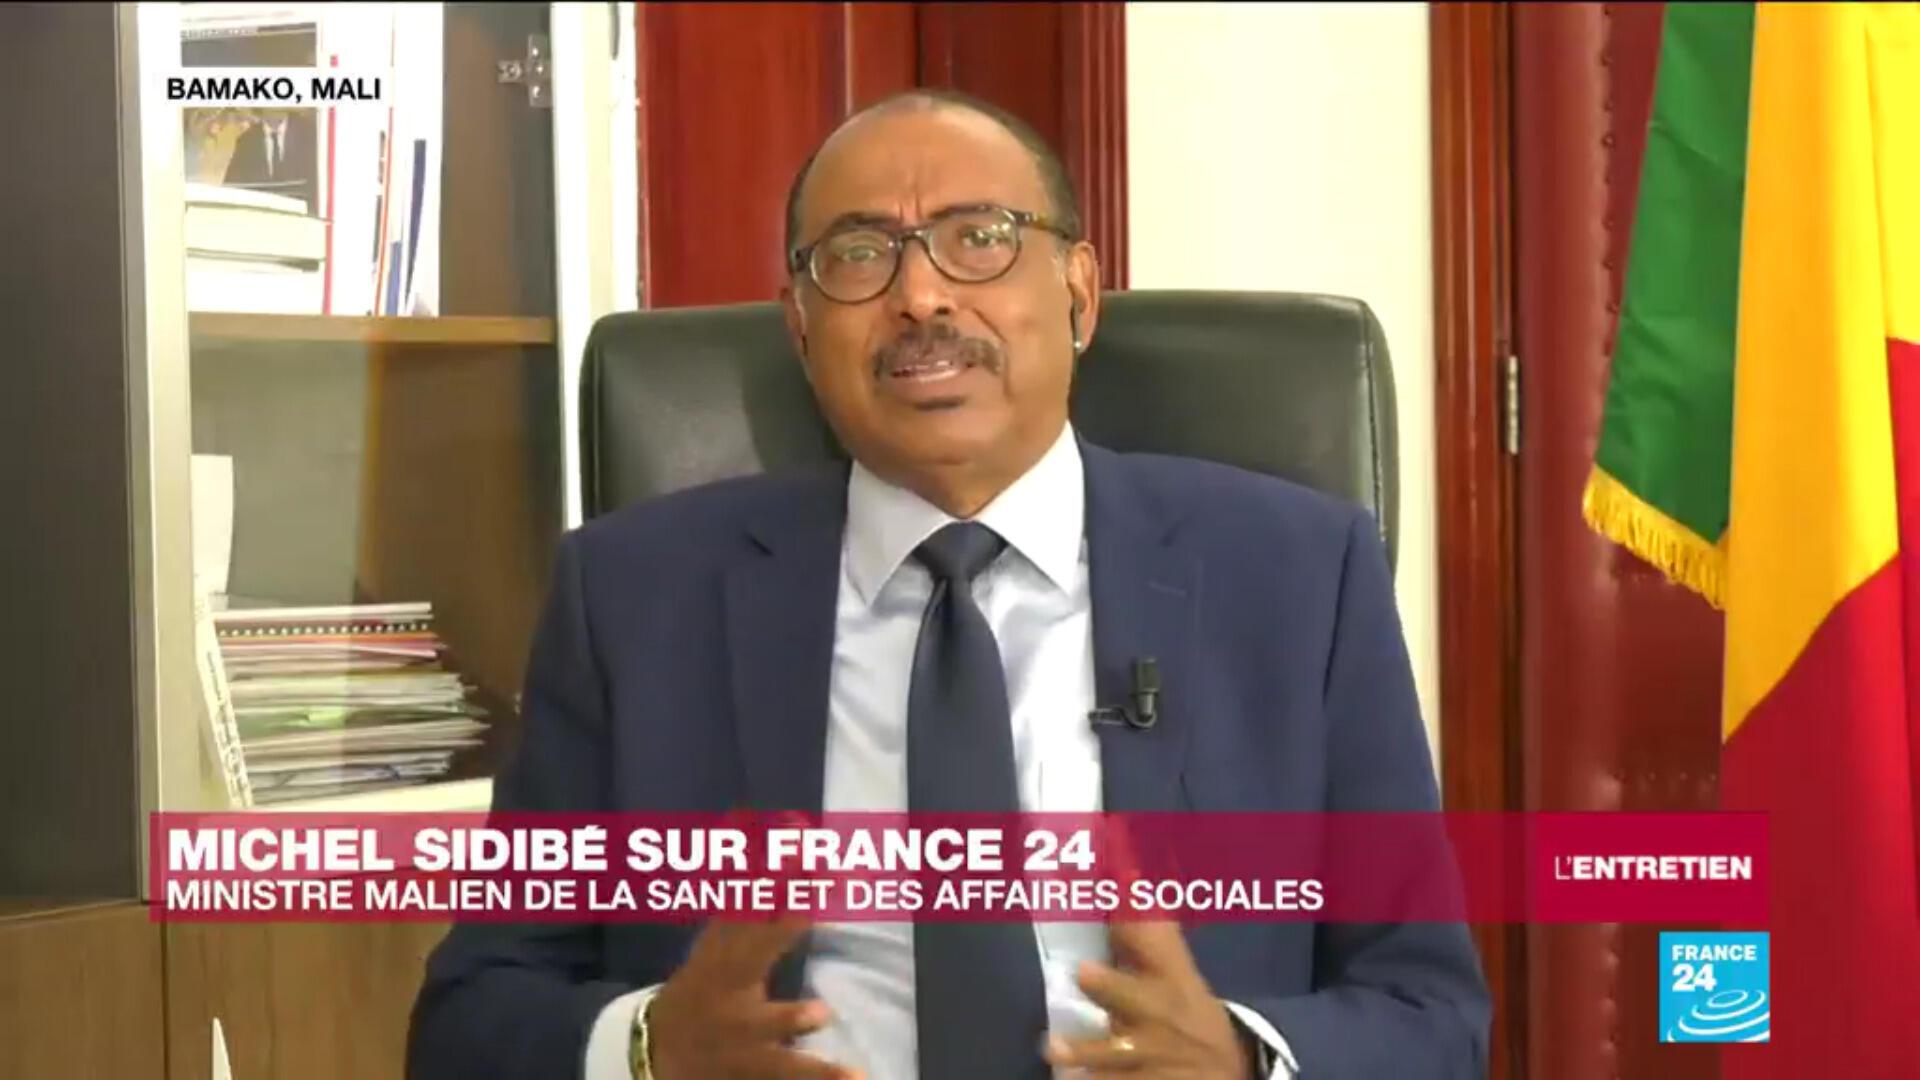 Michel Sidibé, le ministre de la Santé malien